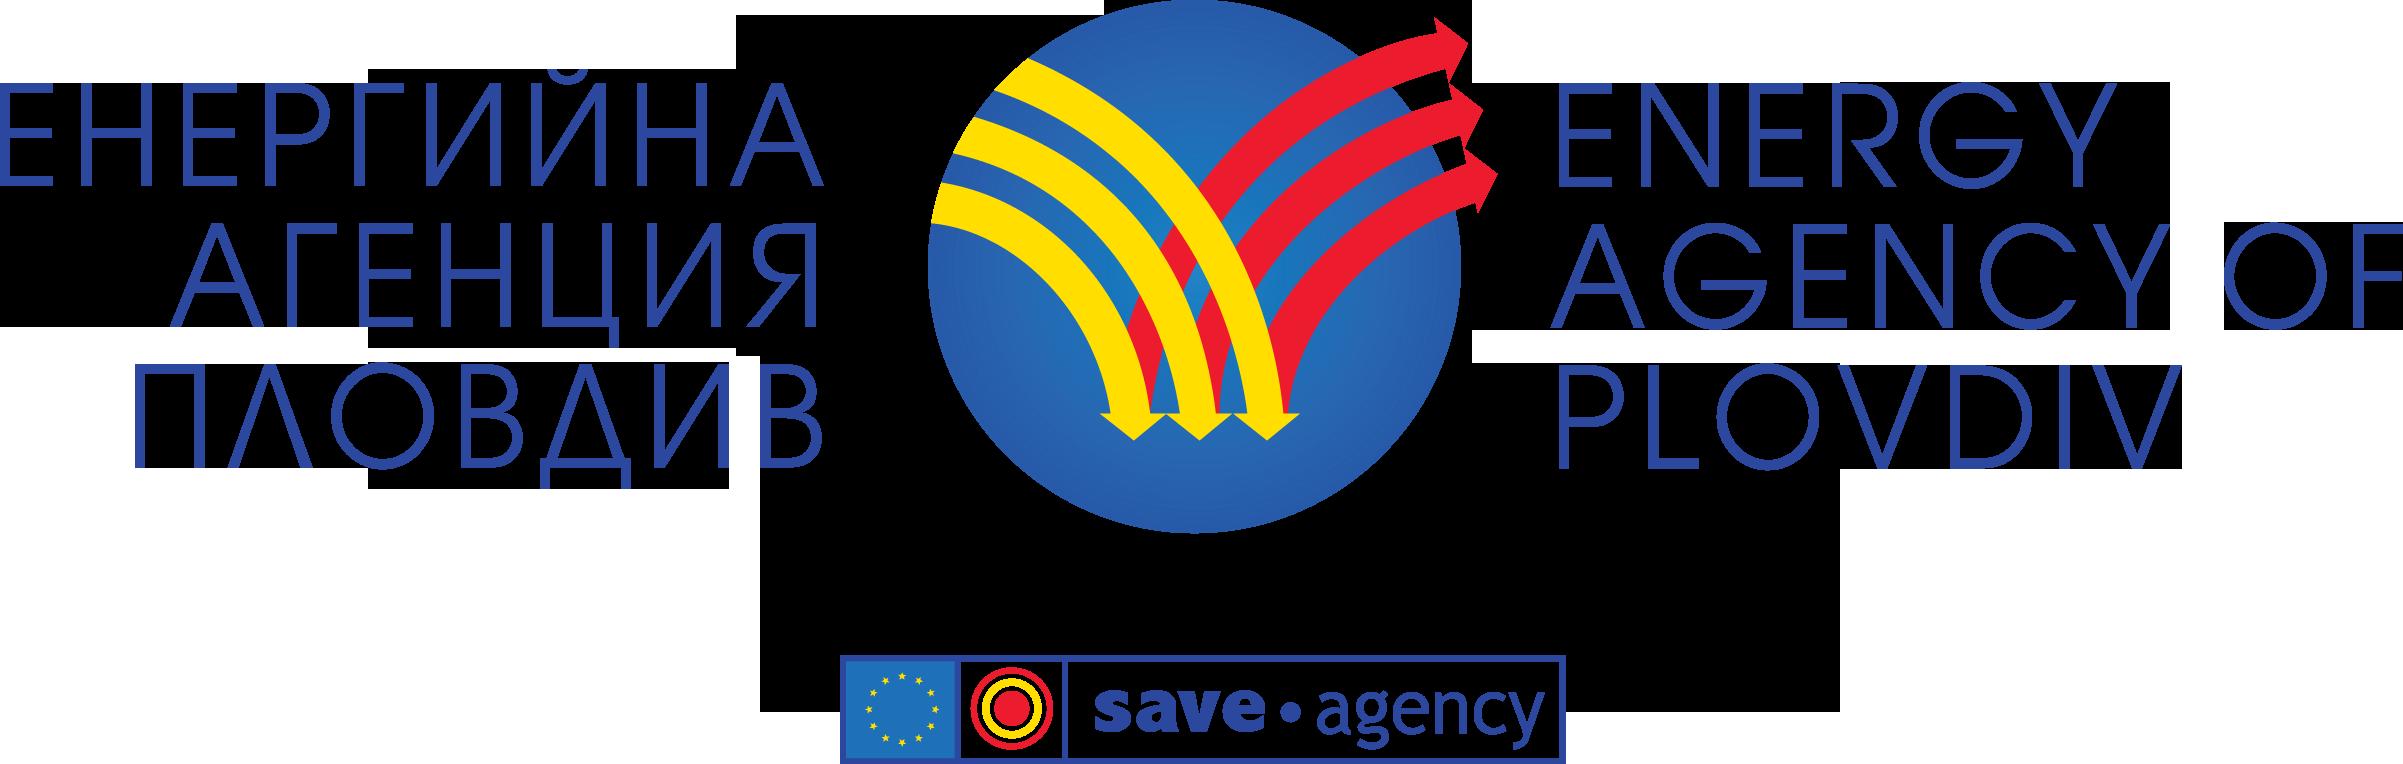 Eergy Agency of Plovdiv (EAP)